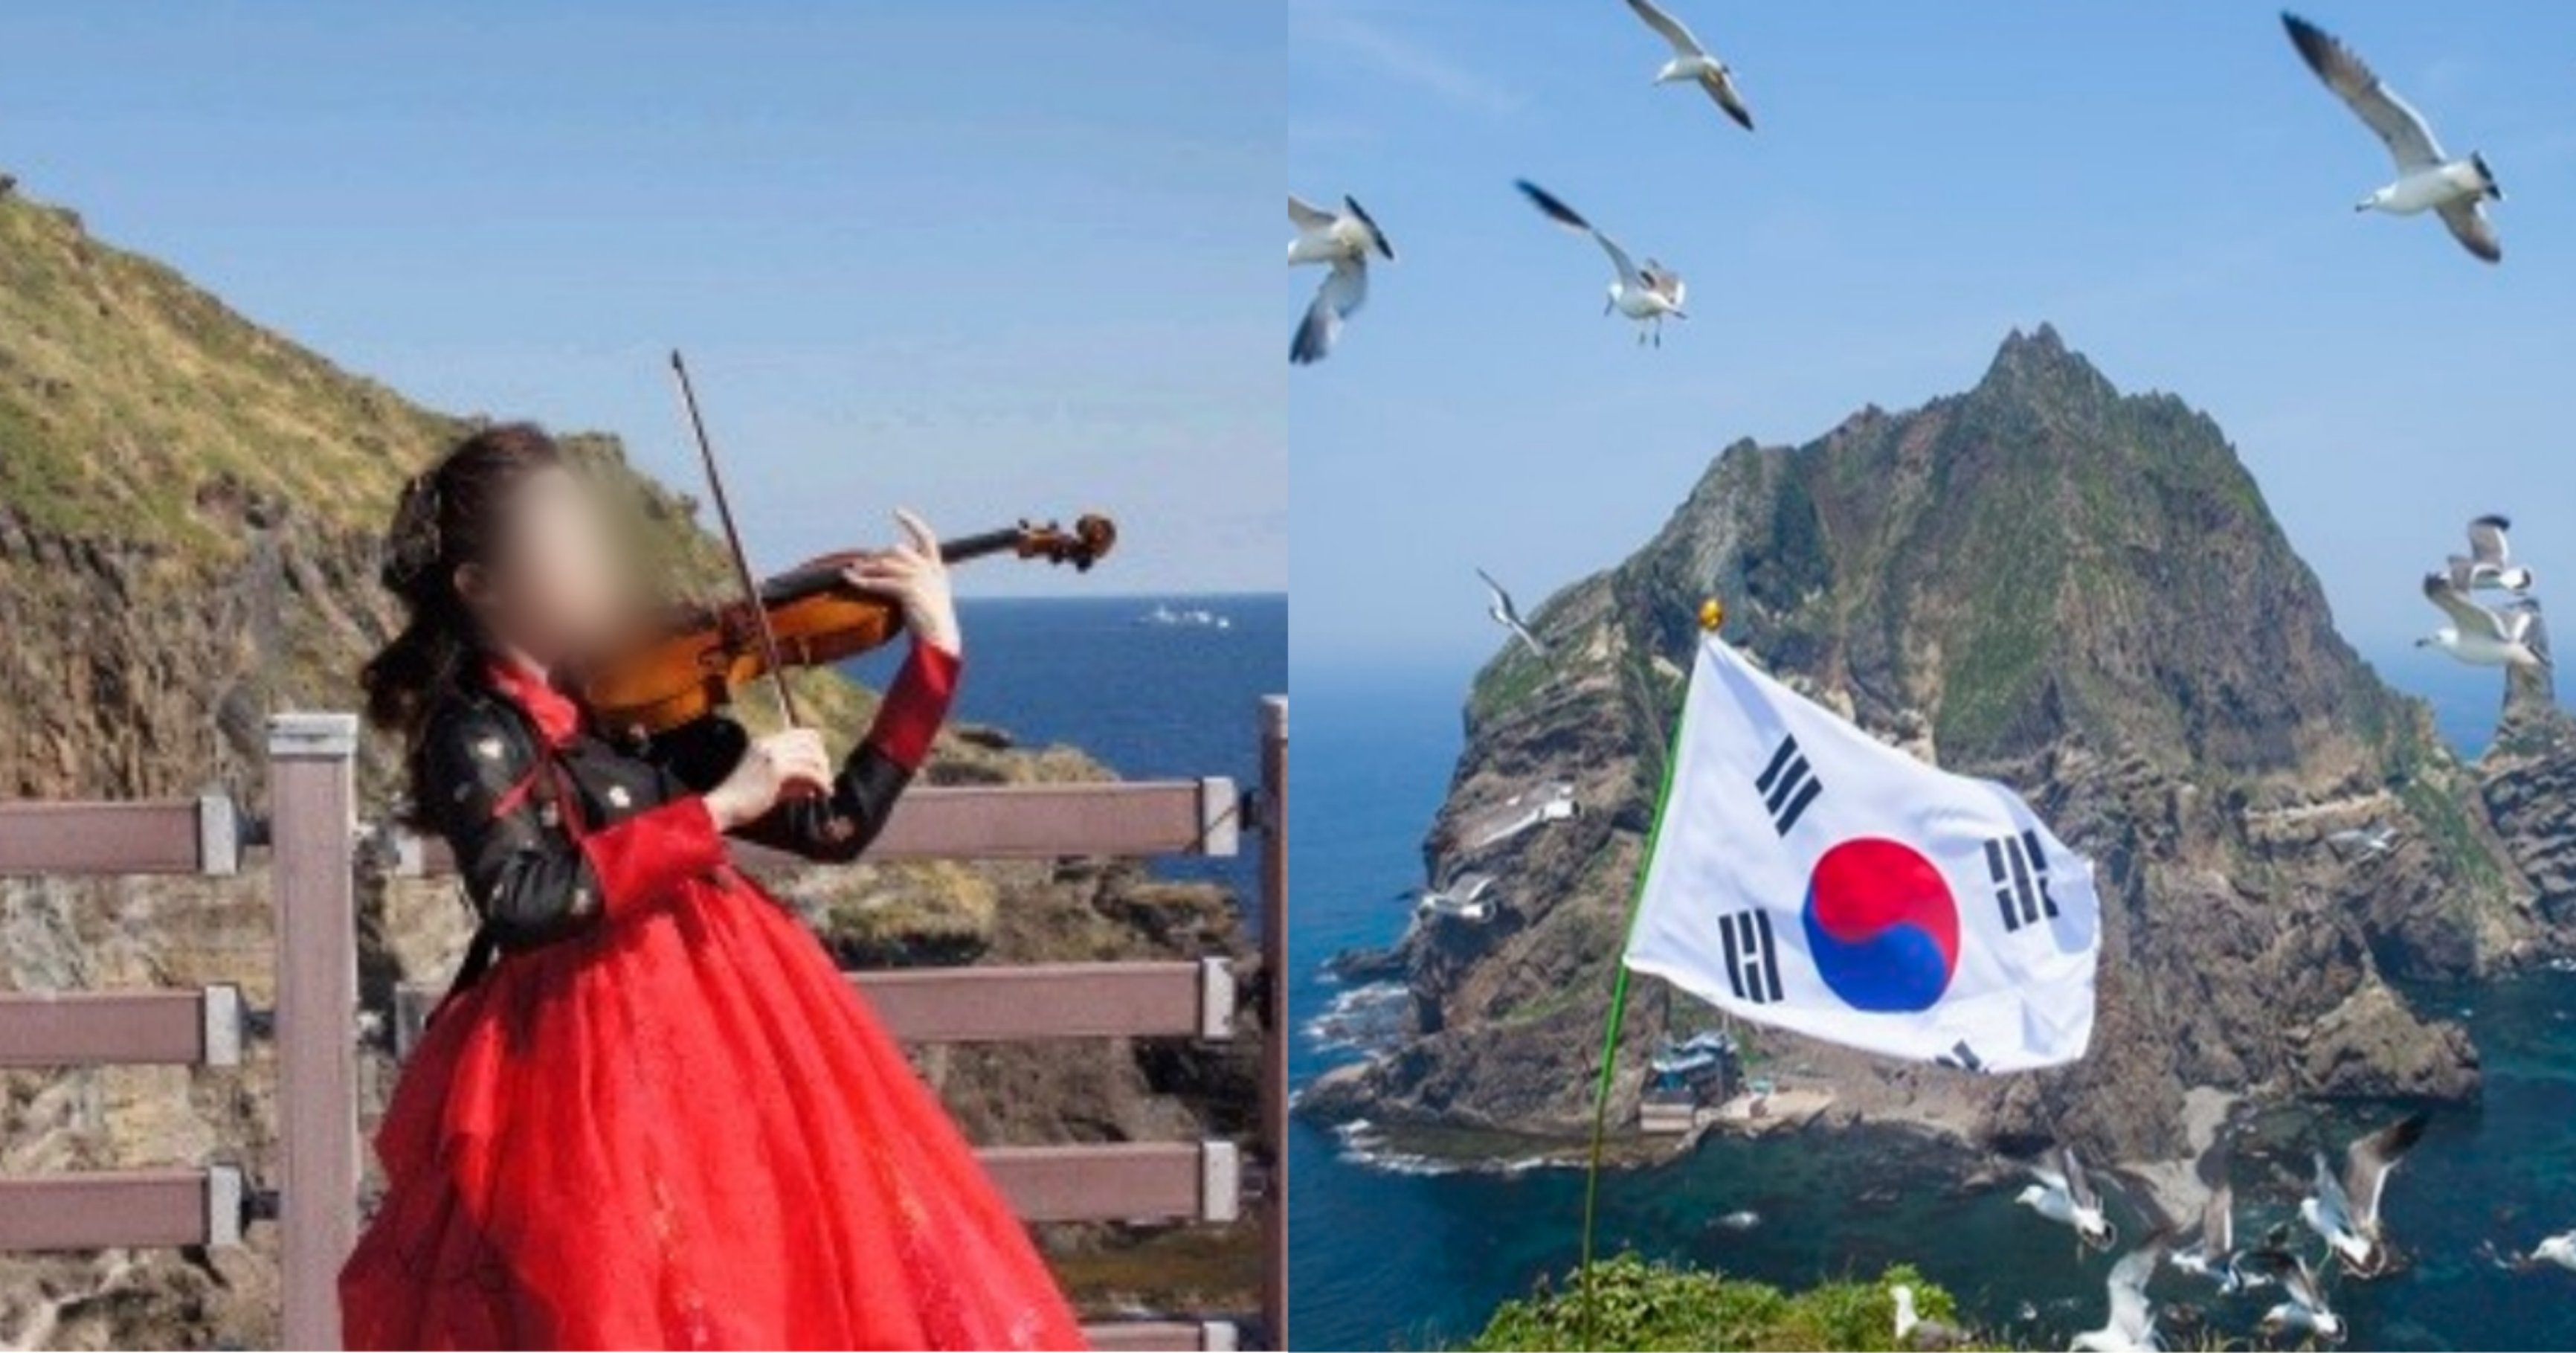 """kakaotalk 20210827 173249134.jpg?resize=1200,630 - """"한국의 문화를 알리고자..."""" 일본 눈치 안보고 독도에서 '아리랑 연주'한 한국인"""